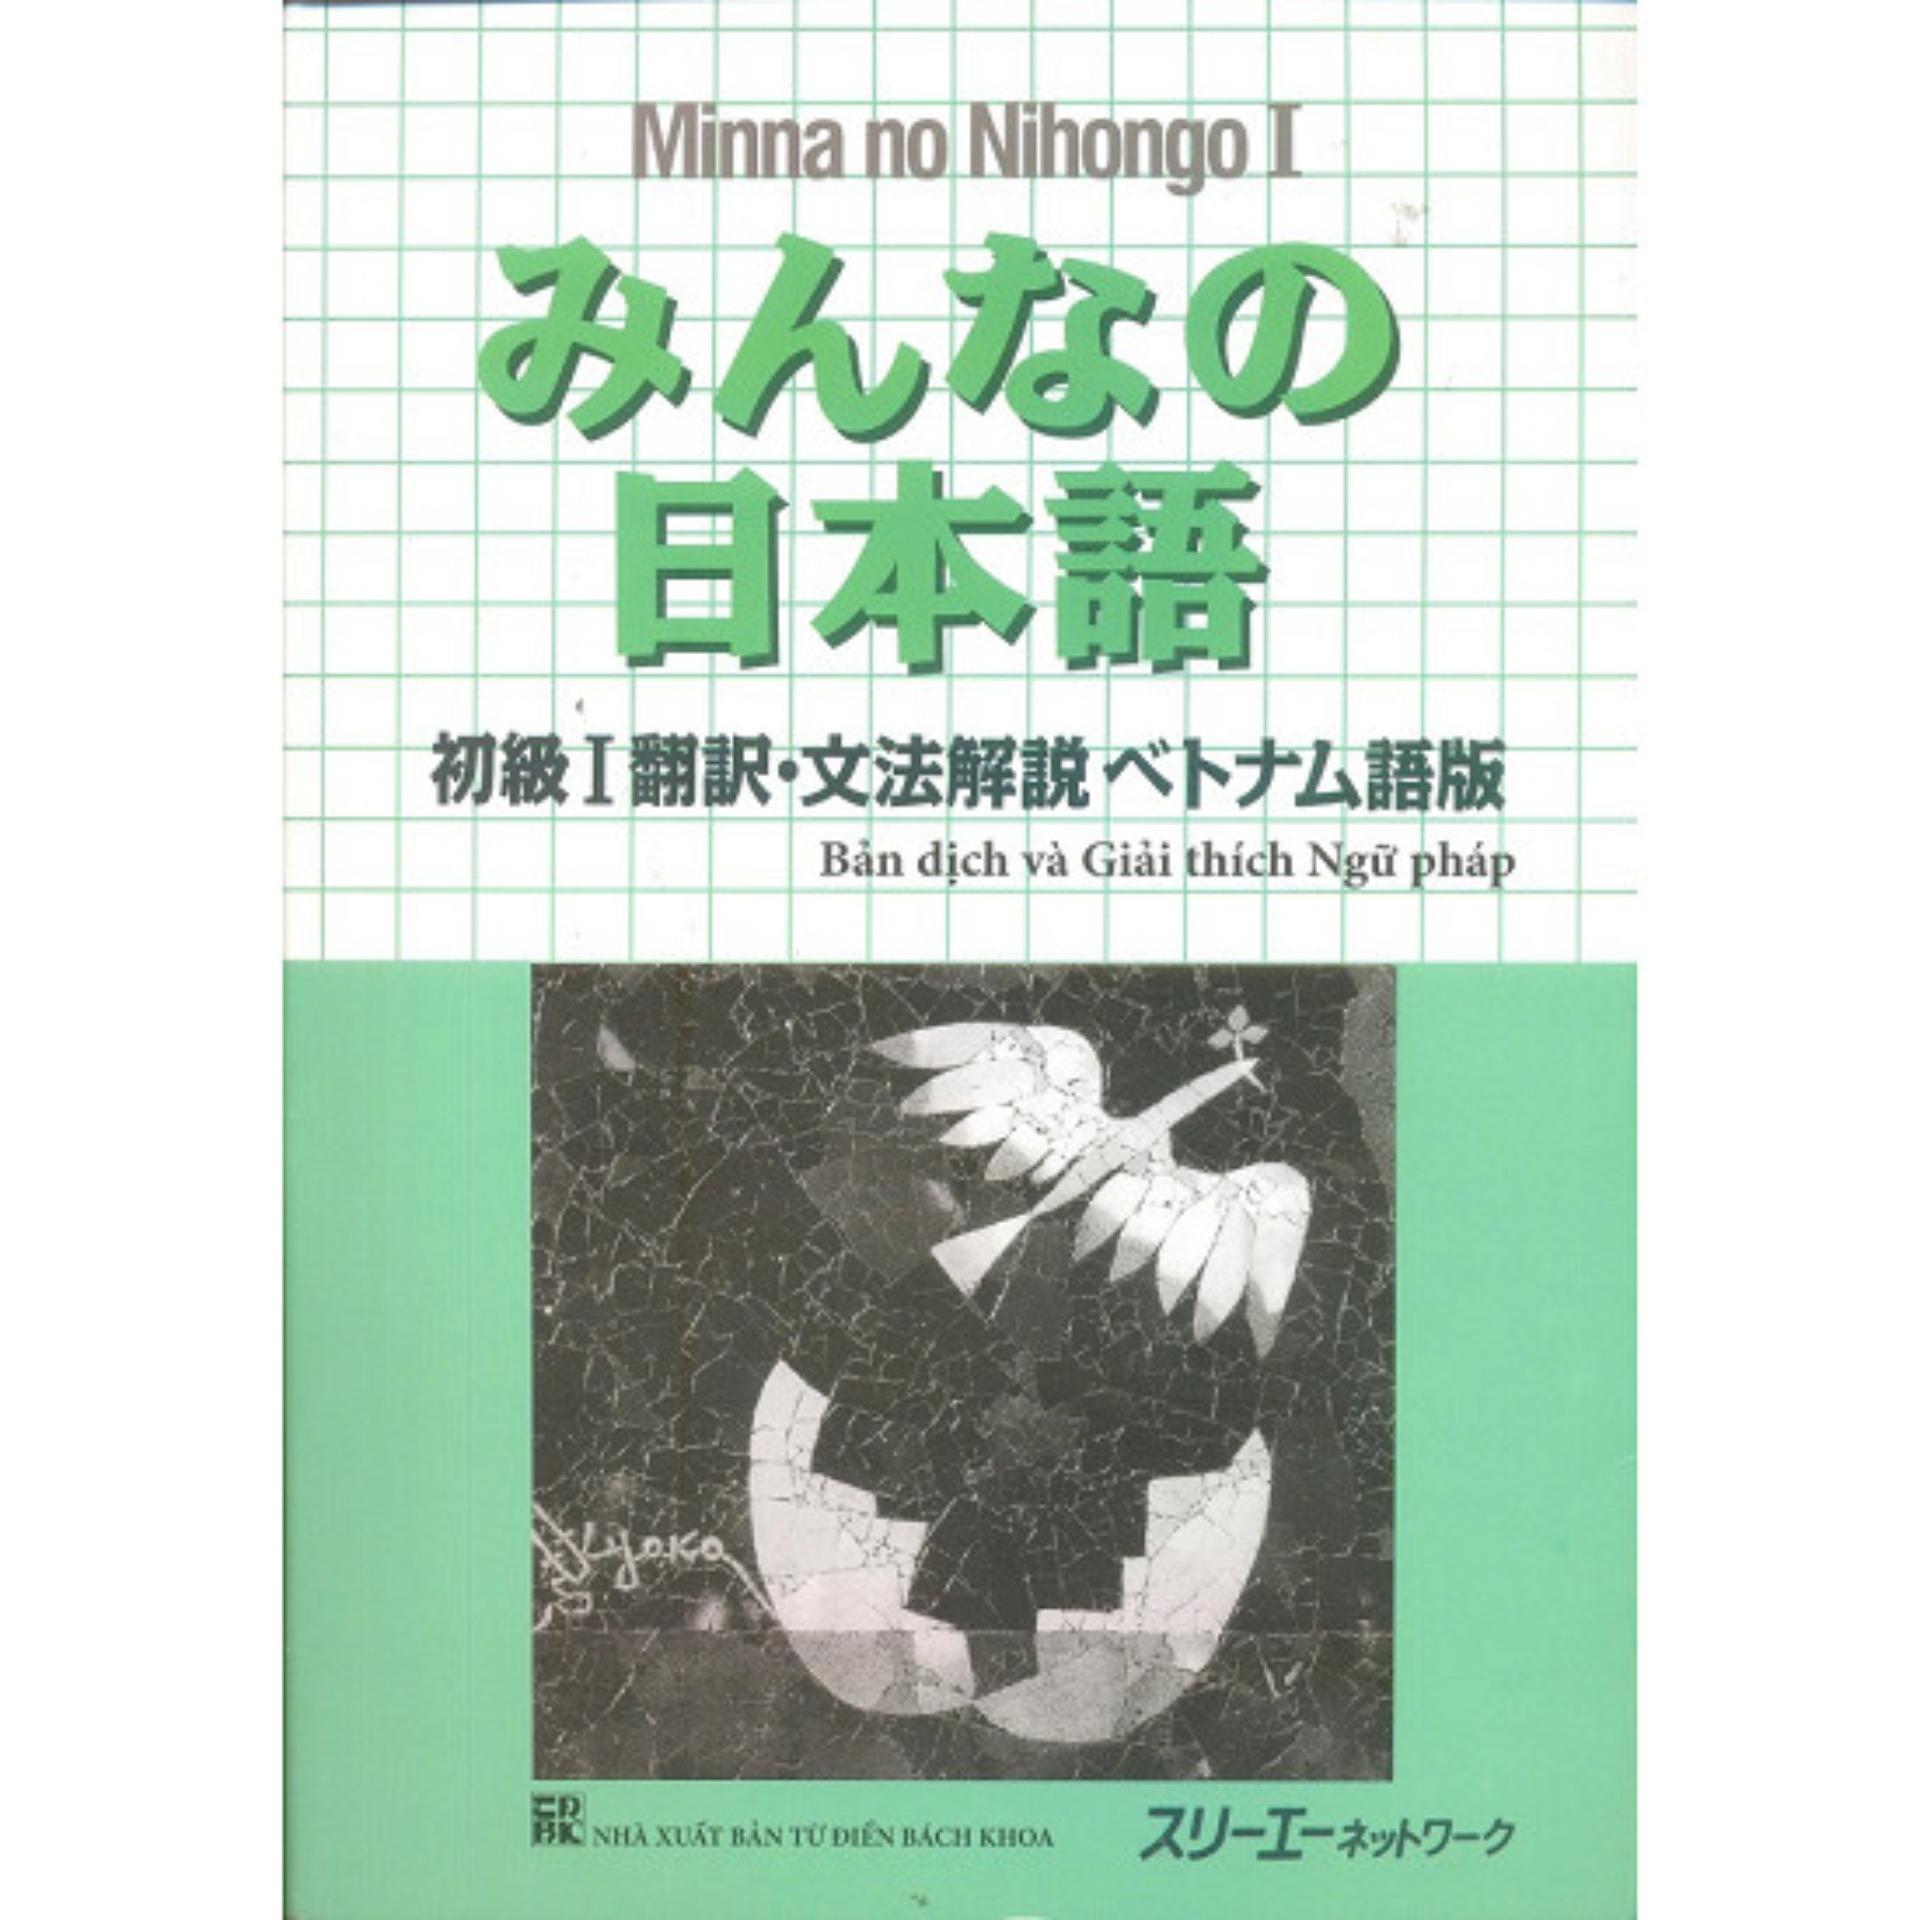 Mã Ưu Đãi Khi Mua Minna No Nihongo I – Bản Dịch Và Giải Thích Ngữ Pháp Tiếng Việt Tập 1